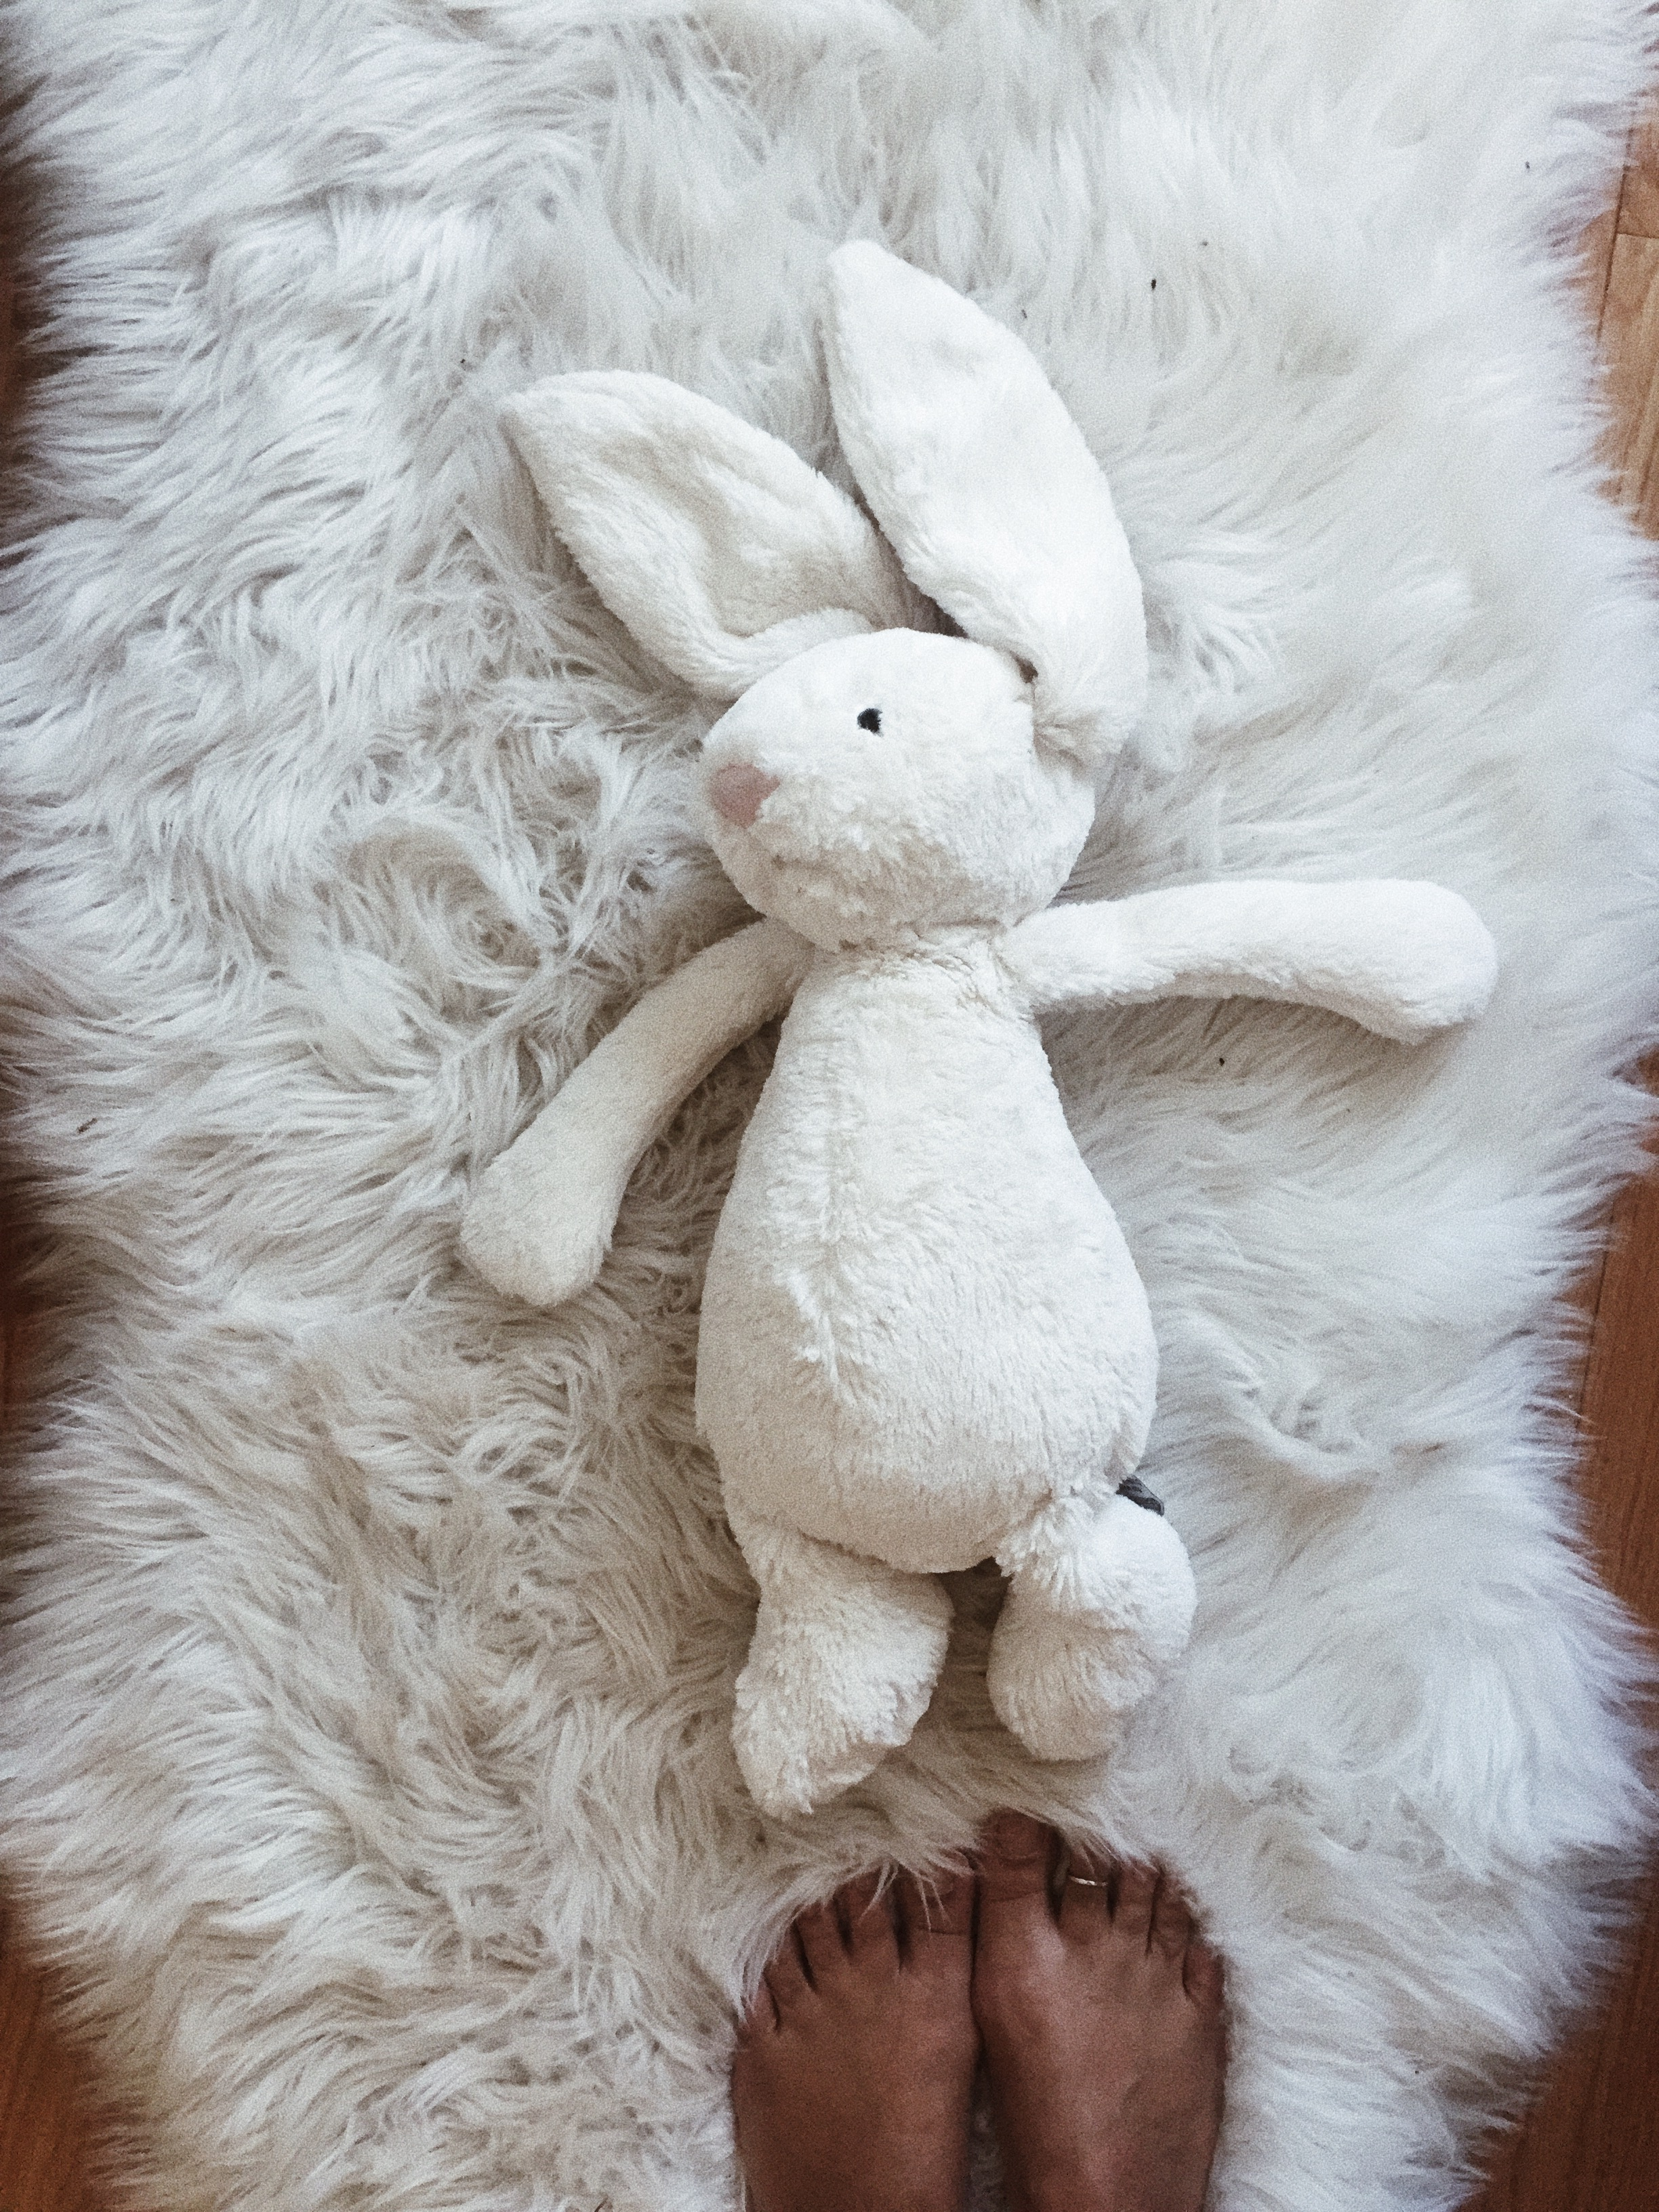 bunny standing.jpg